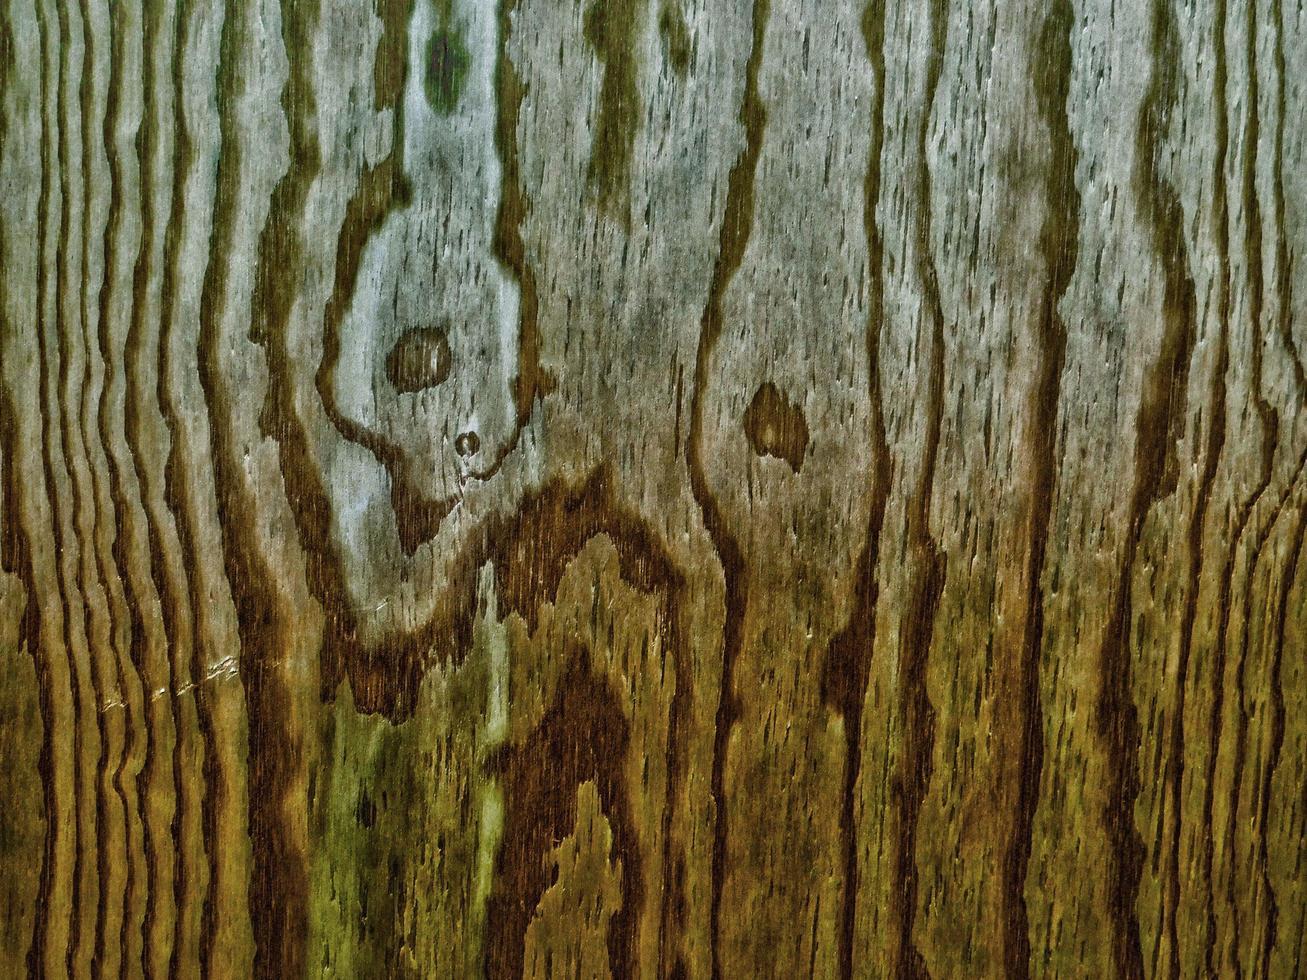 textura de madera en el jardín foto